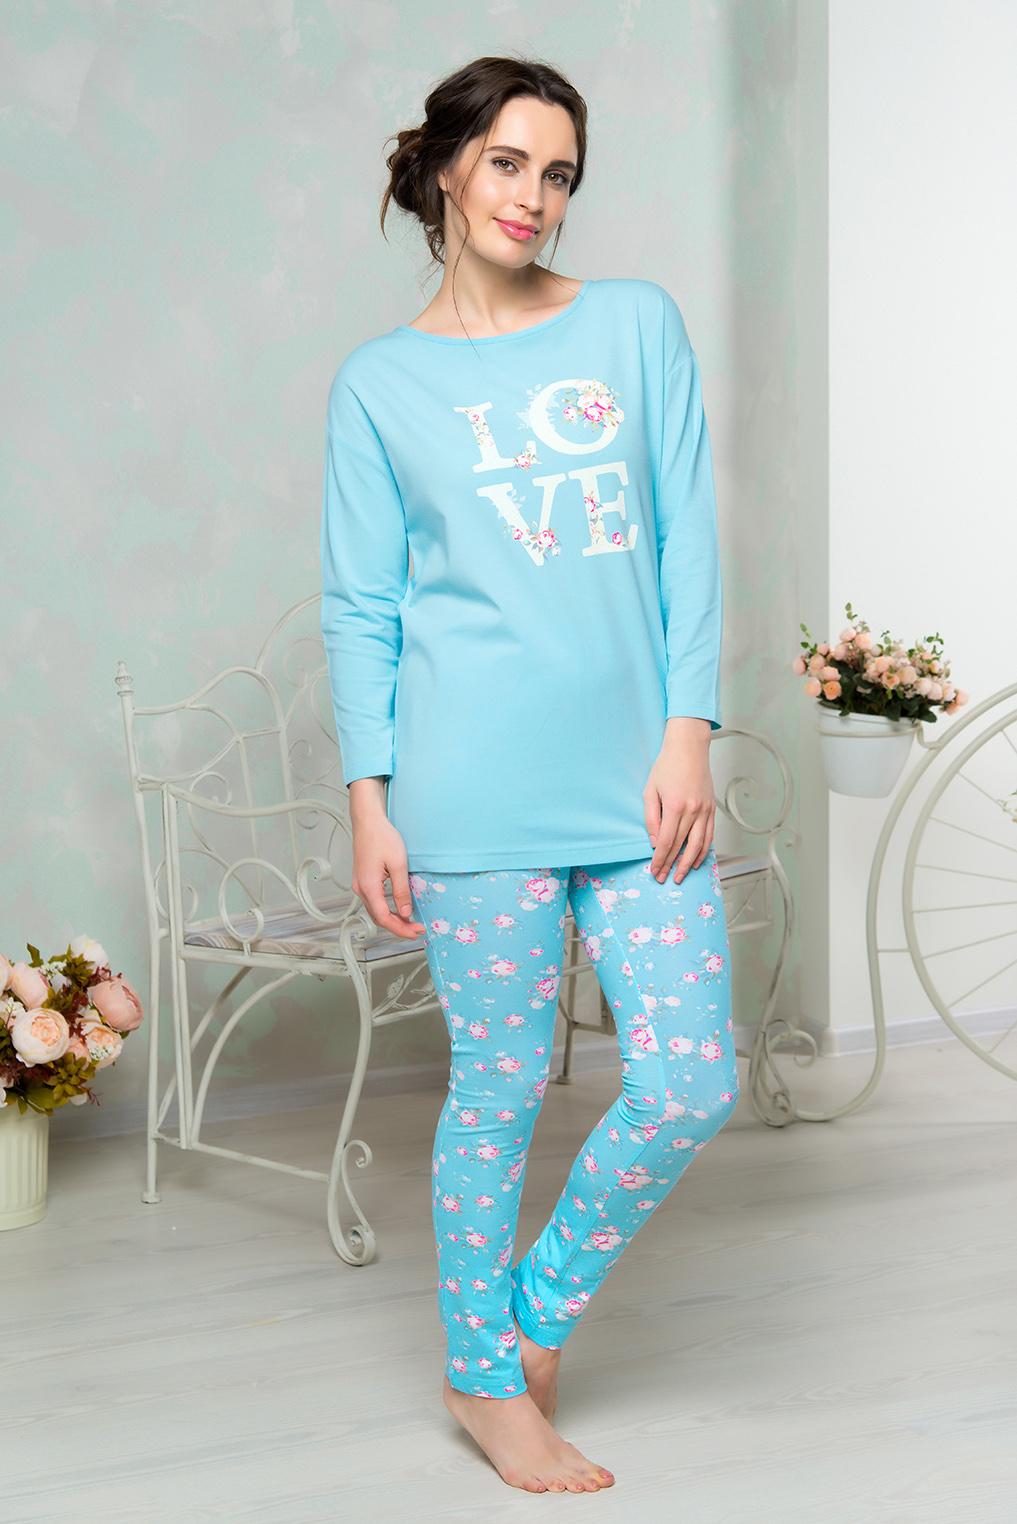 Домашний комплектAW16-MCUZ-853Комплект домашний одежды Mia Cara состоит из футболки с длинными рукавами и брюк. Модель выполнена из высококачественного хлопка с добавлением эластана. Футболка с круглой горловиной дополнена на спинке вырезом и завязками. Брюки оформлены цветочным принтом.